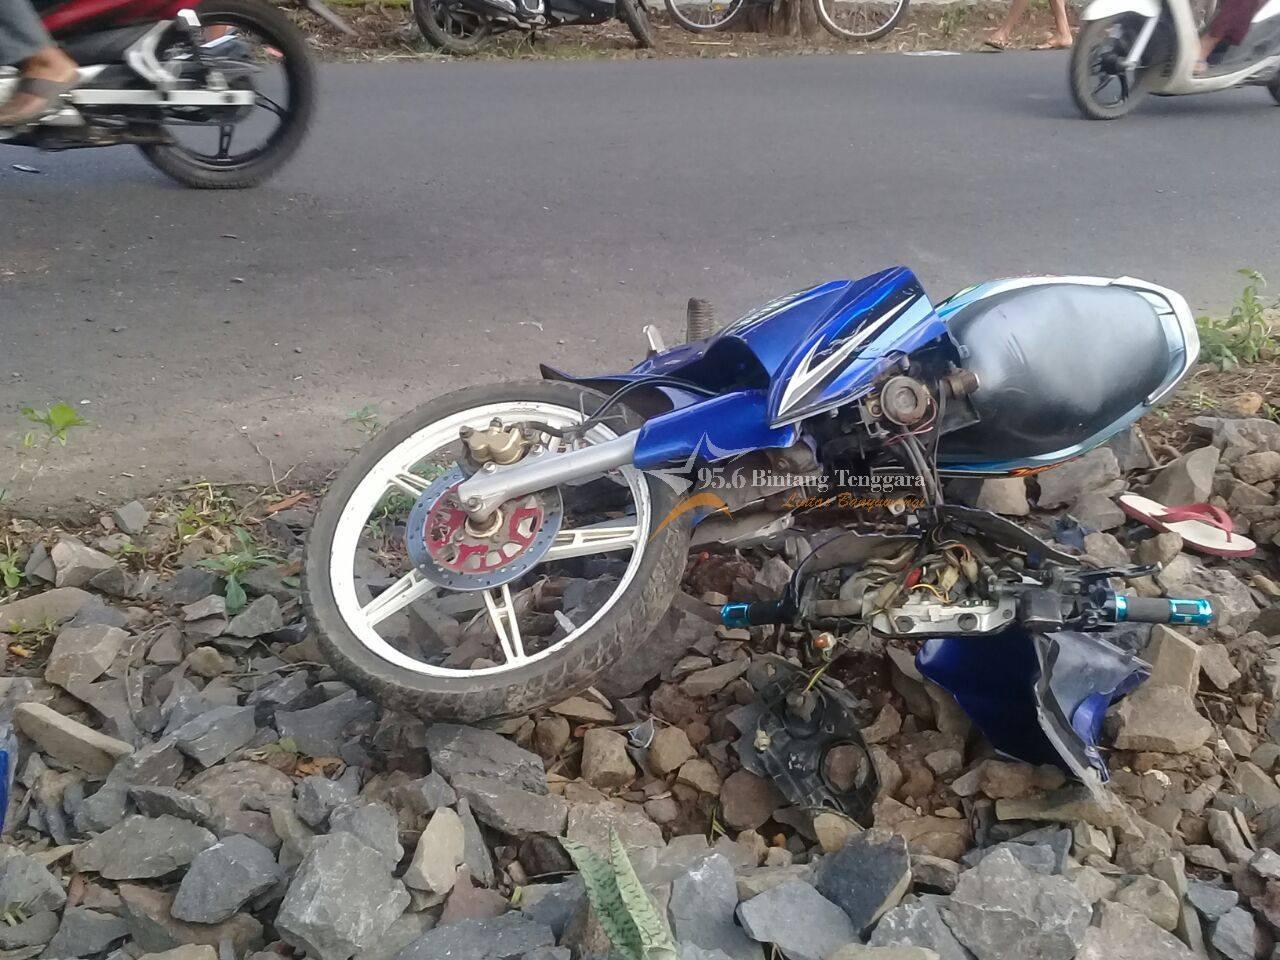 Sepeda Motor Korban Kecelakaan Tungga di Dusun Sukomukti Desa kebaman Kecamatan Srono sesaat setelah kecelakaan terjadi. (Foto. Resti Fauzi)